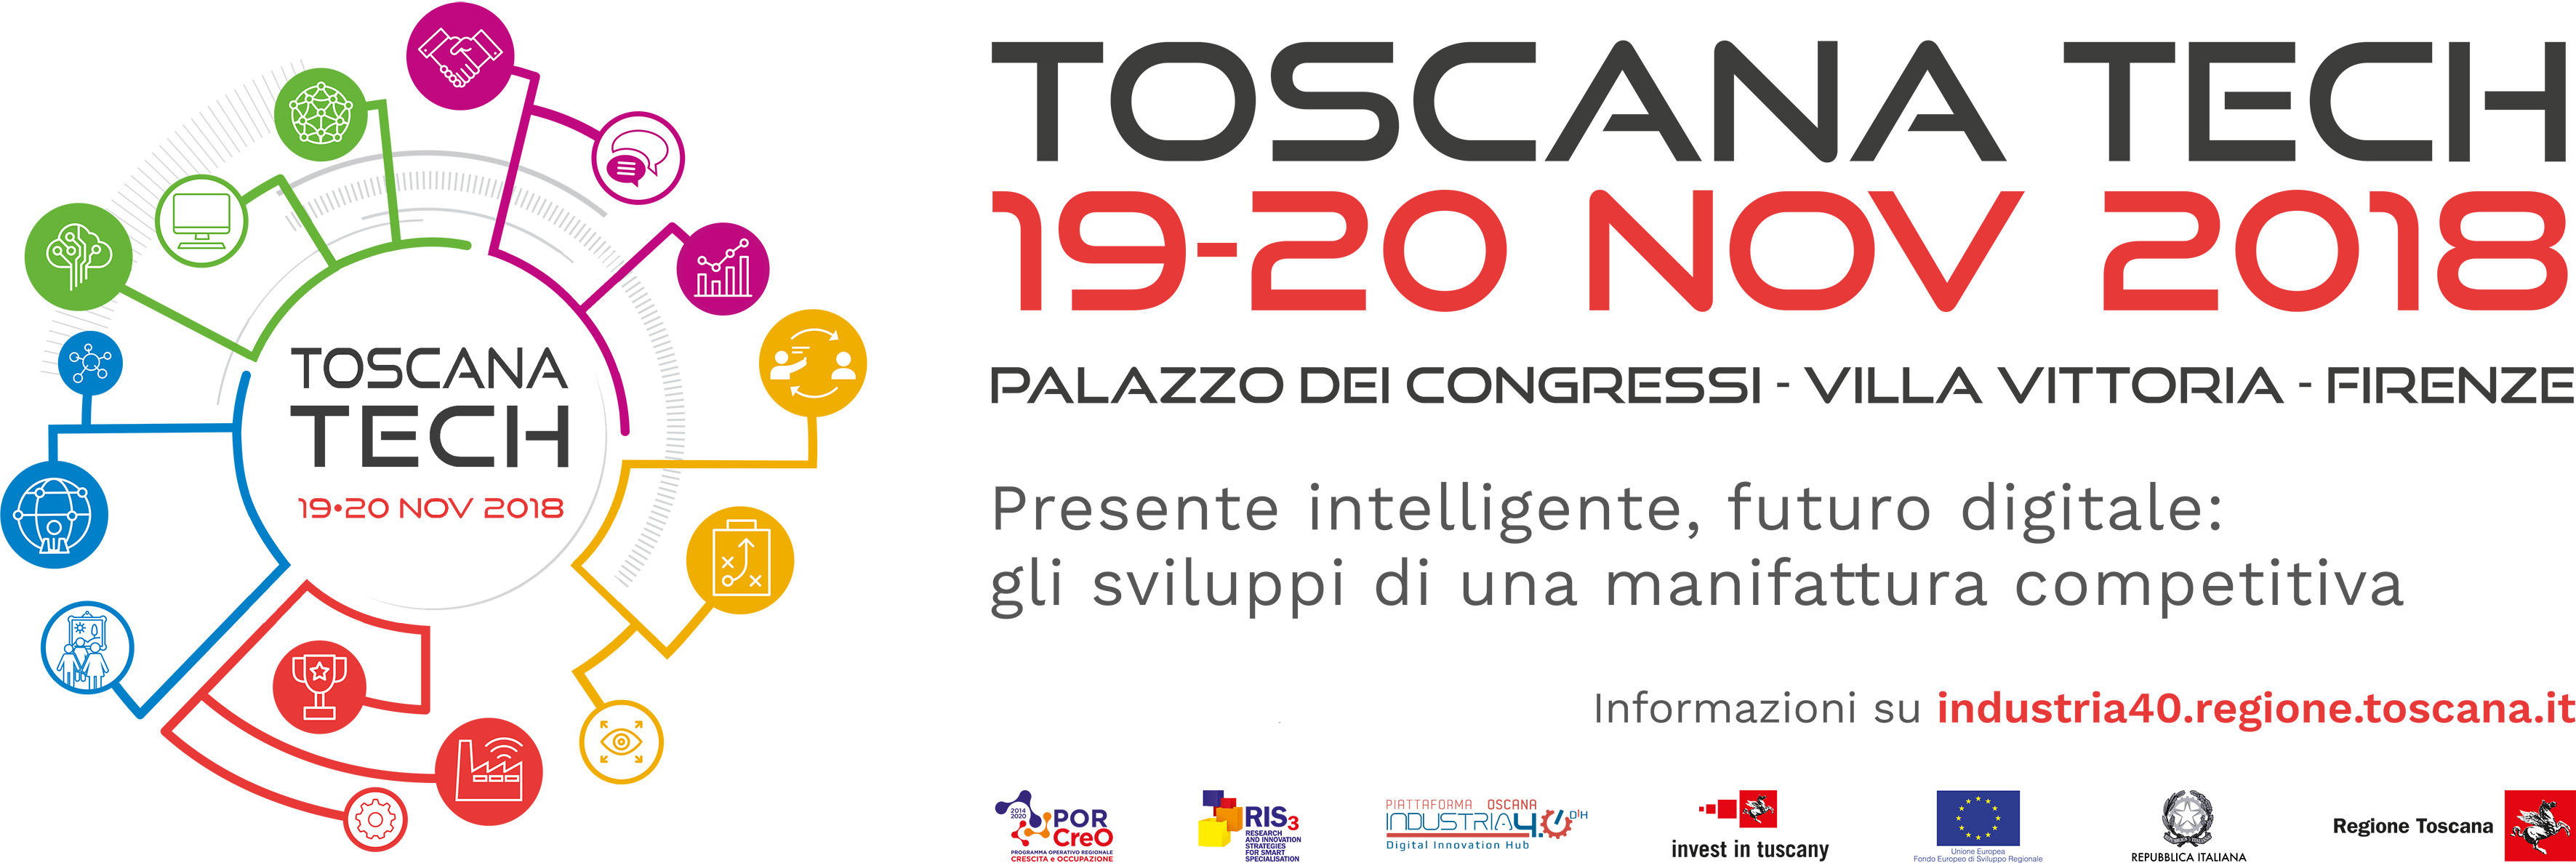 """Toscana Tech, Grieco: """"Formazione essenziale per gestire il cambiamento"""""""